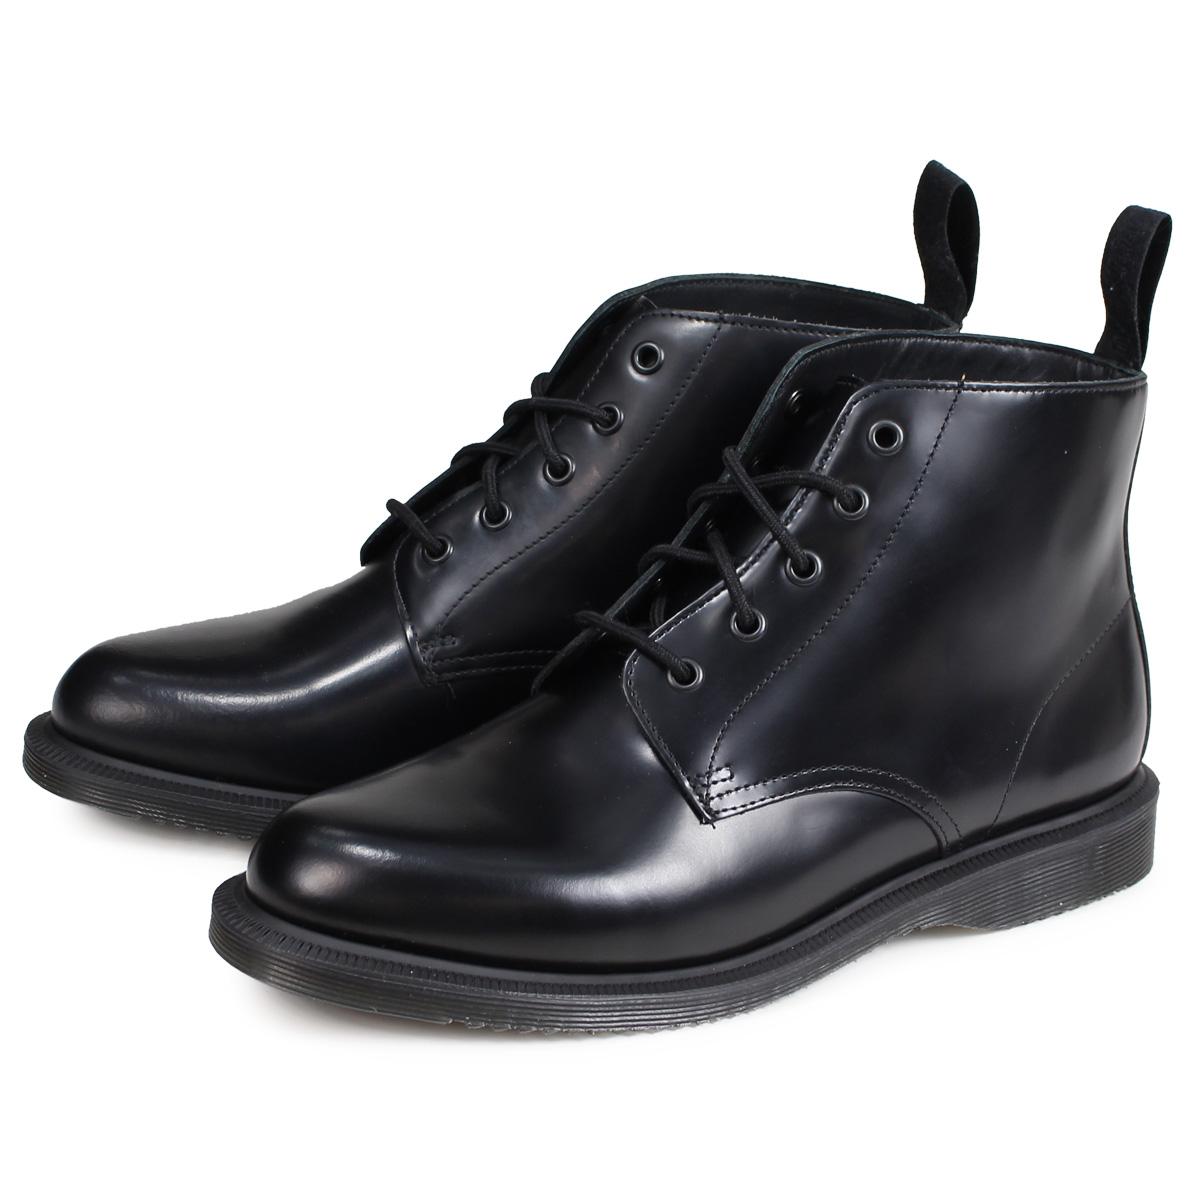 dee6affda32 Dr.Martens EMMELINE KENSINGTON 5EYE BOOT doctor Martin 5 hall boots men gap  Dis black R16701001 [191]